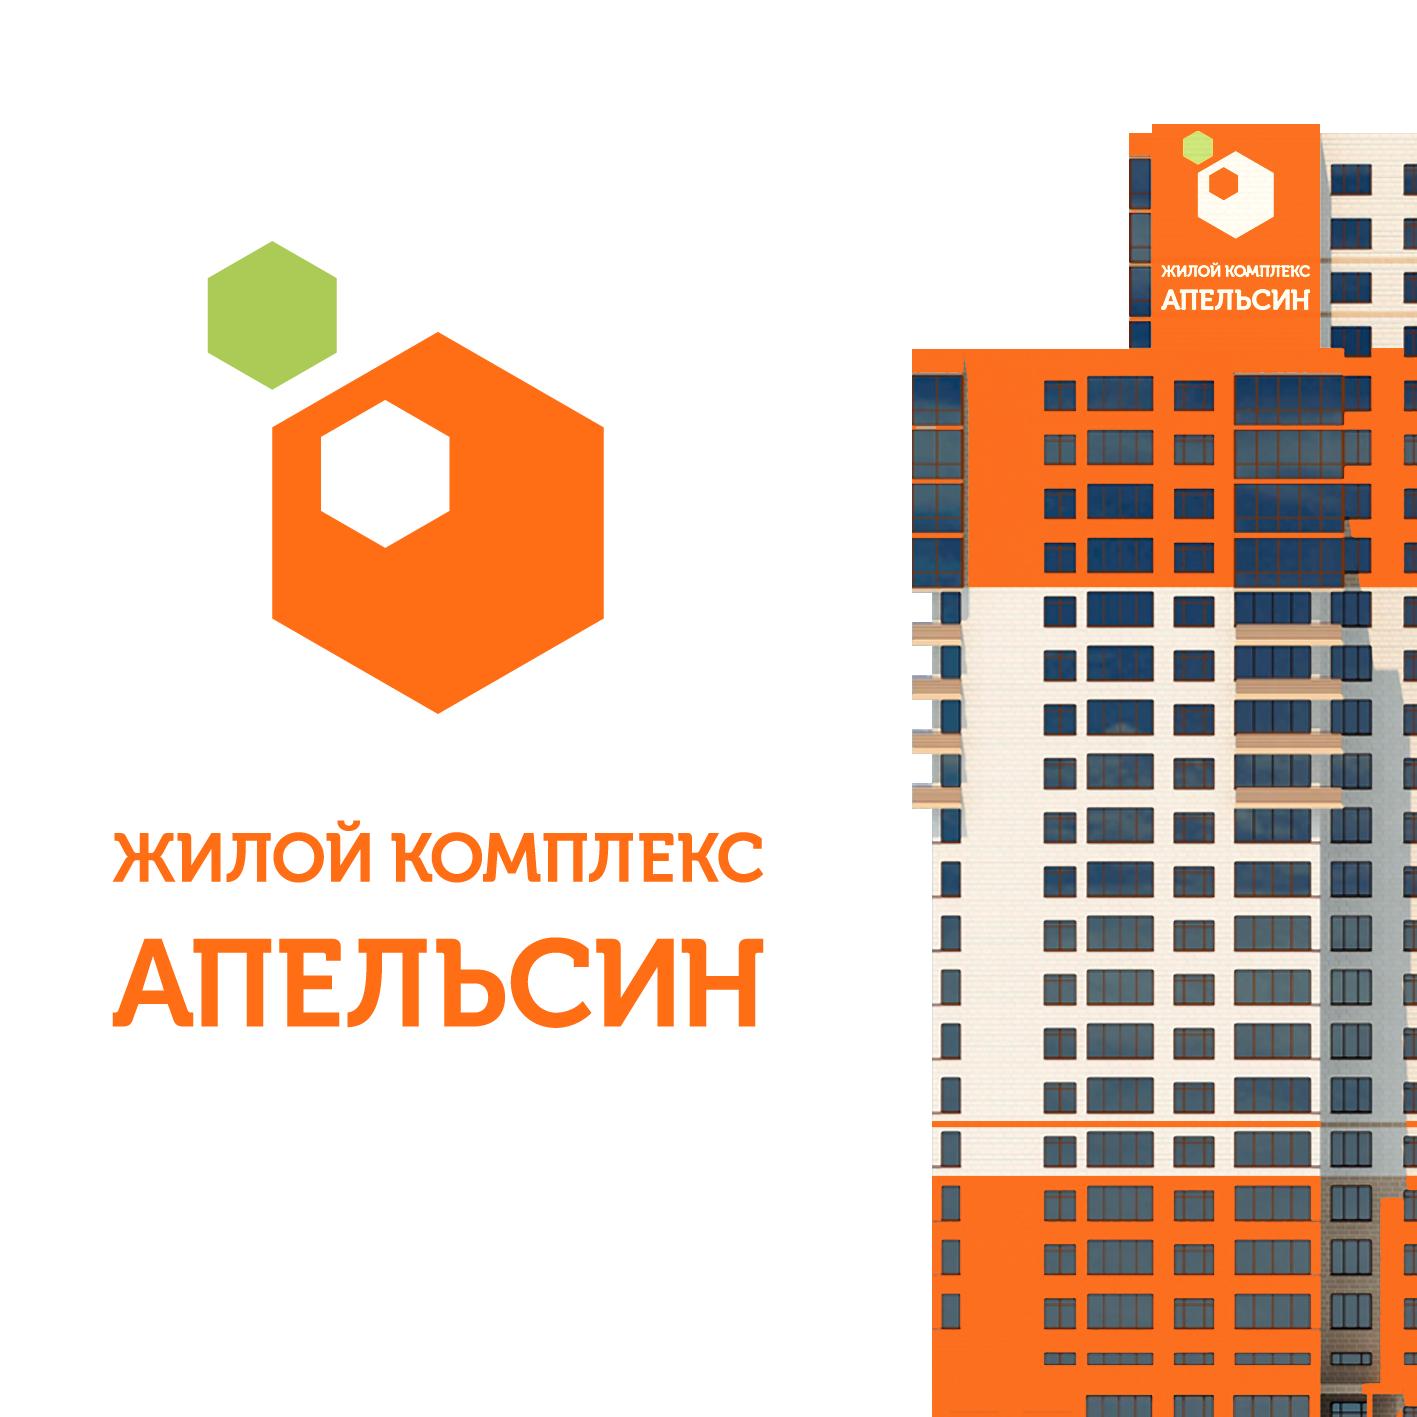 Логотип и фирменный стиль фото f_7425a58c17bb42f6.png